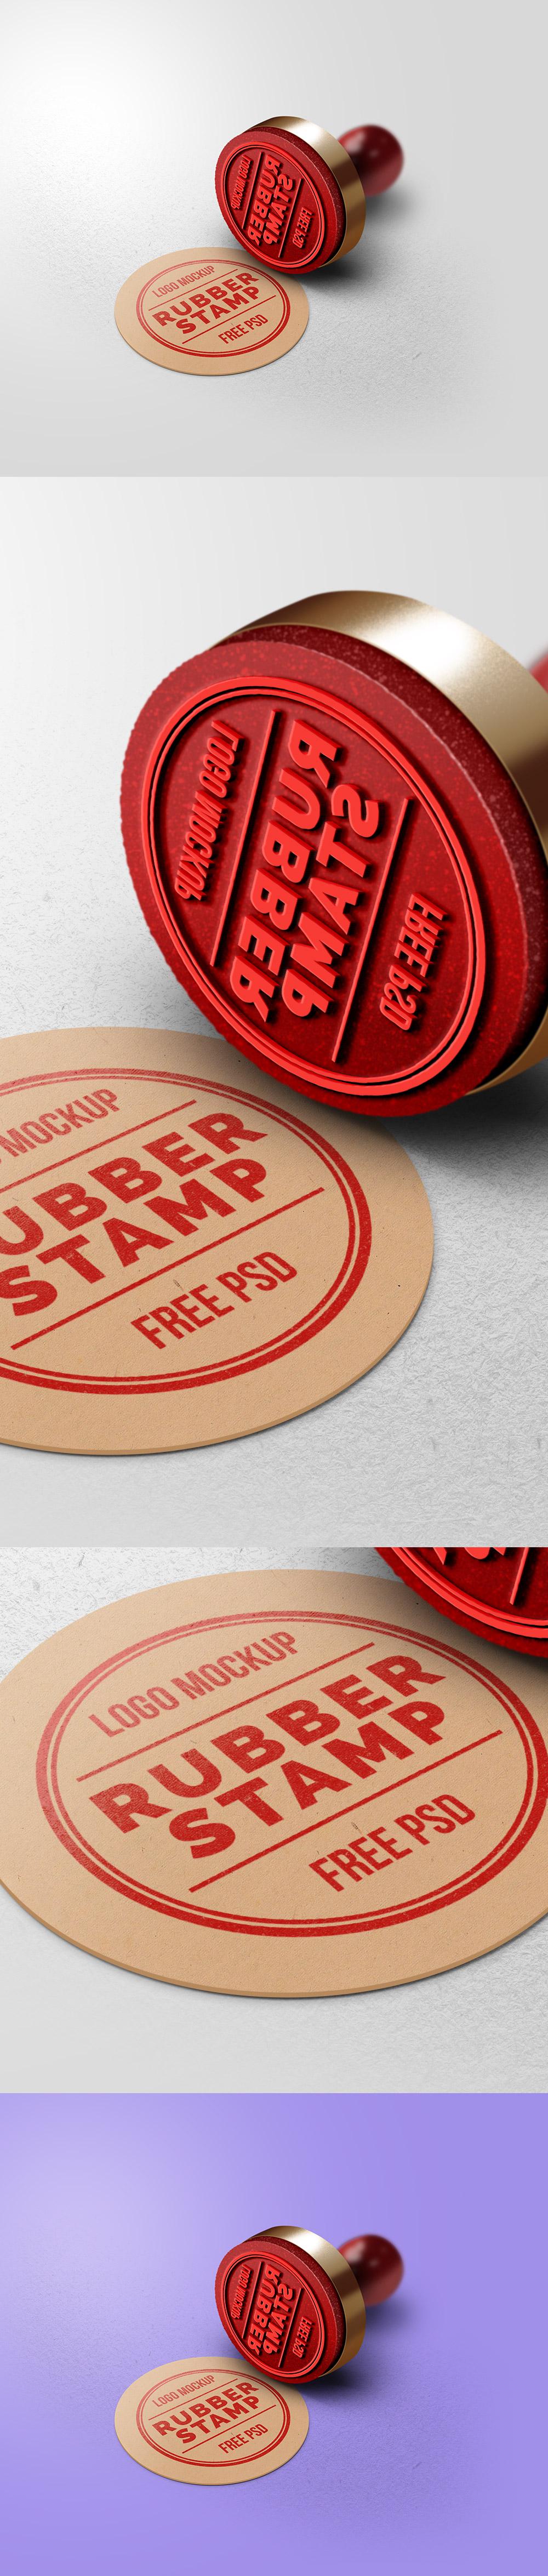 Rubber Stamp Logo Mockup